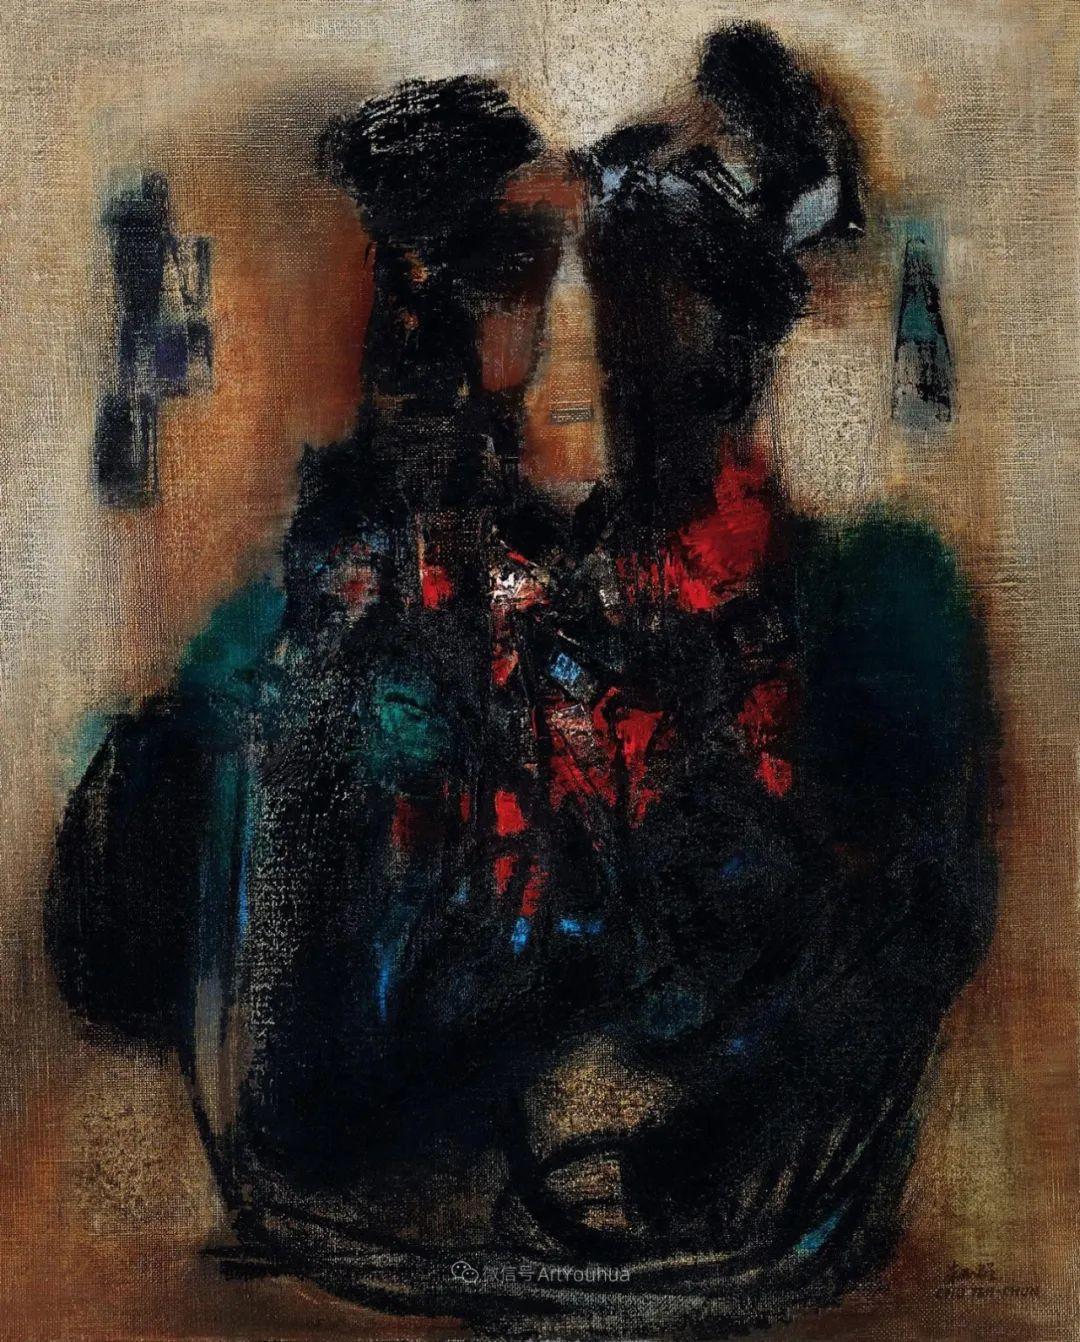 以色彩写诗,具象转抽象,朱德群作品欣赏 (高清)插图49